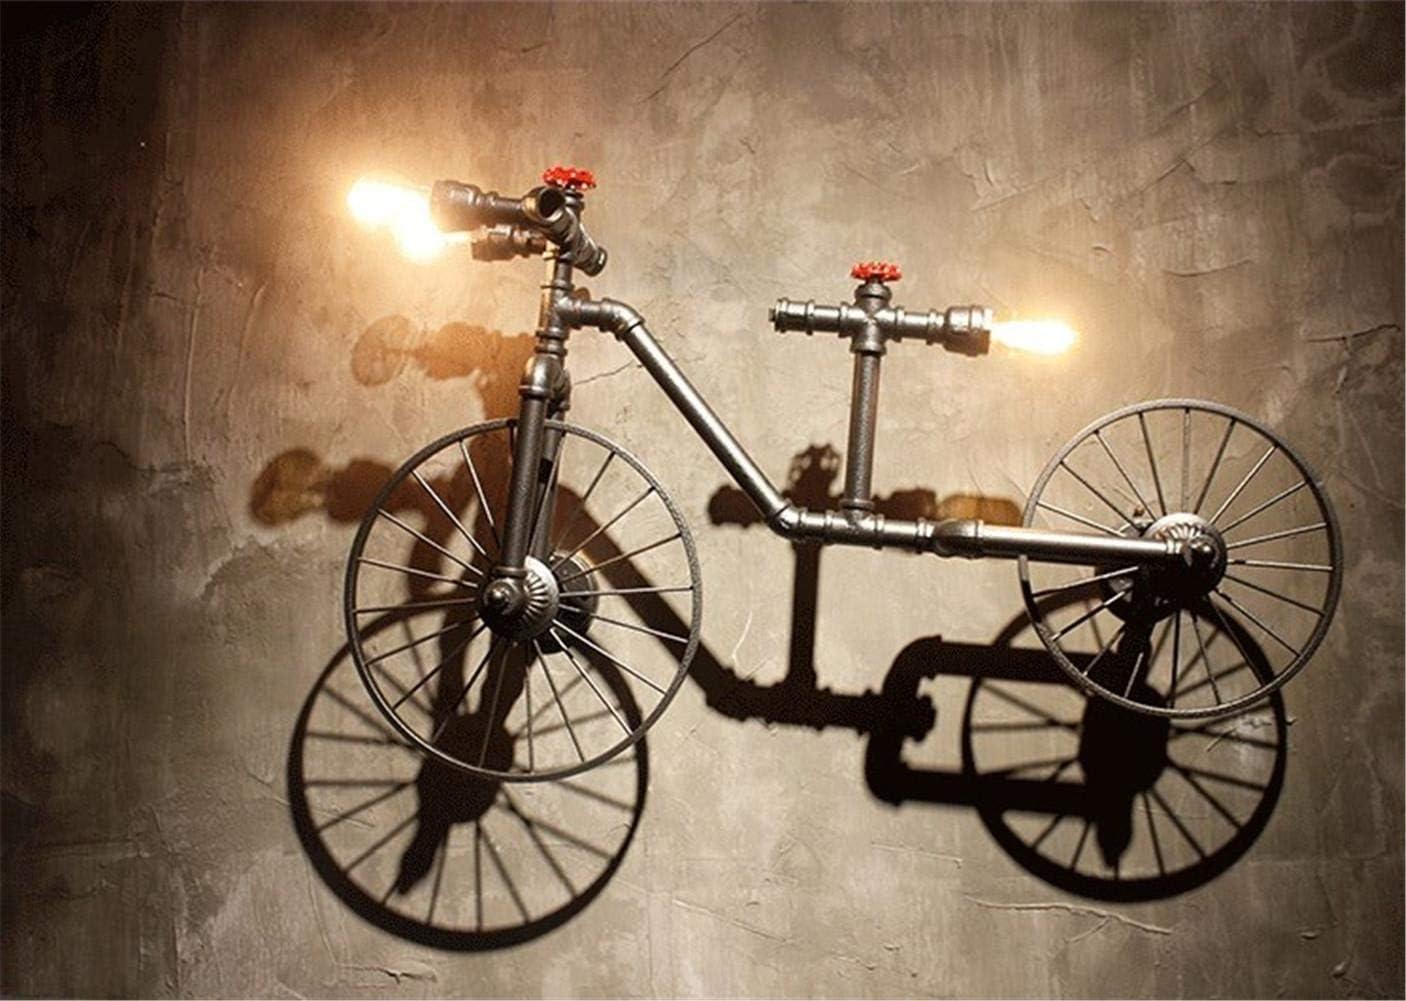 HDMY Industria bicicleta gran lámpara de pared Vintage Steampunk tubería de agua luz americana American bicicleta grande pared lámpara de pared aplique: Amazon.es: Hogar